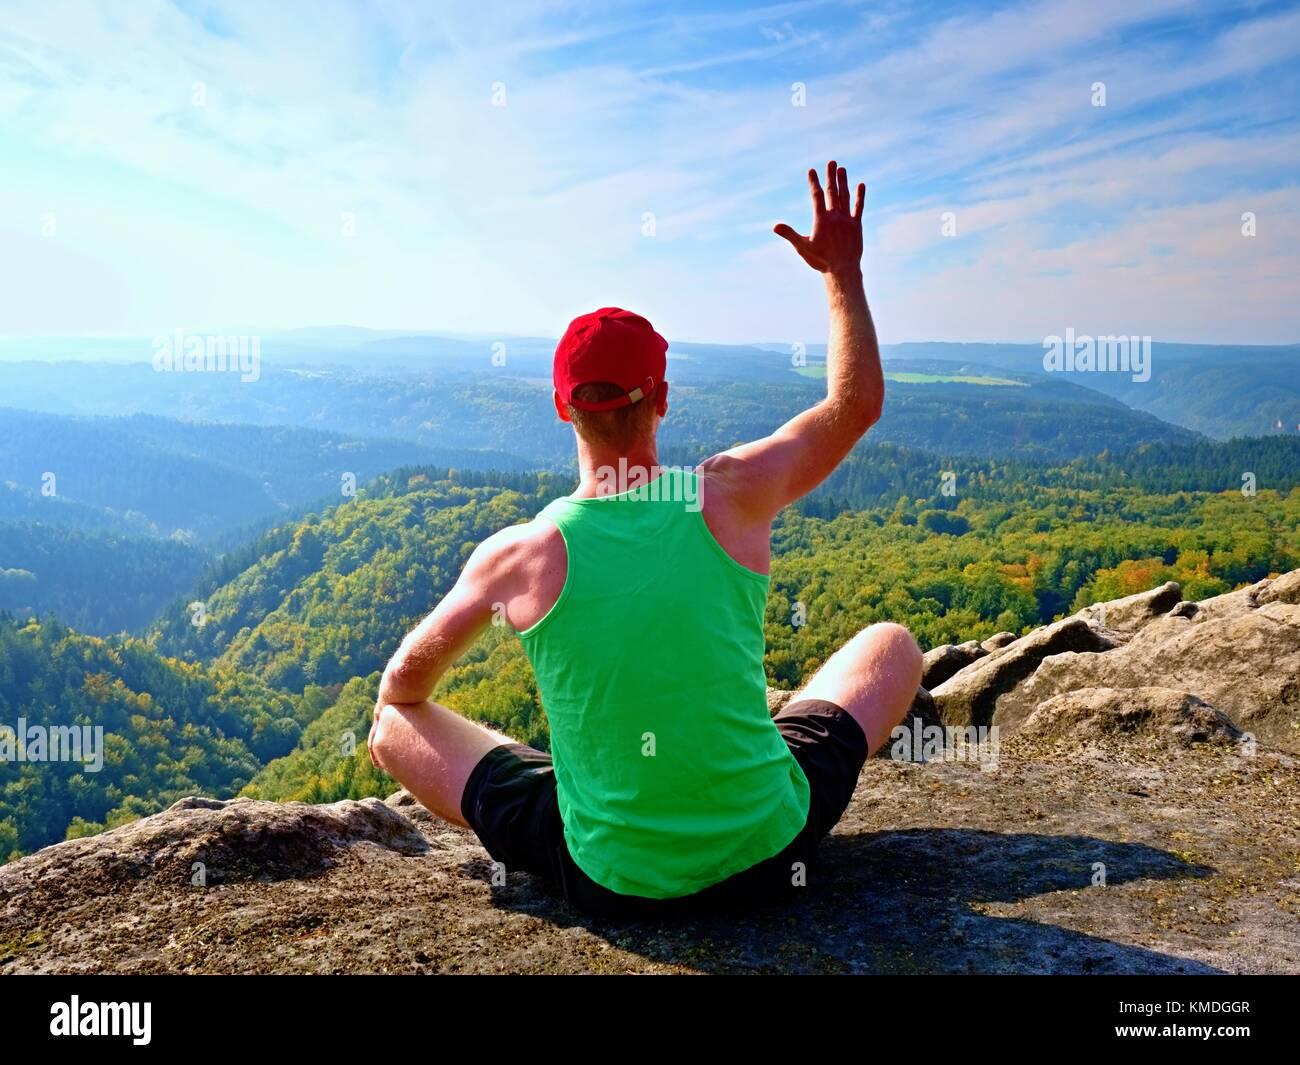 Sottile corpo escursionista in verde canotta e pantaloncini neri a sedersi su una roccia e godere di scenari naturali. Immagini Stock